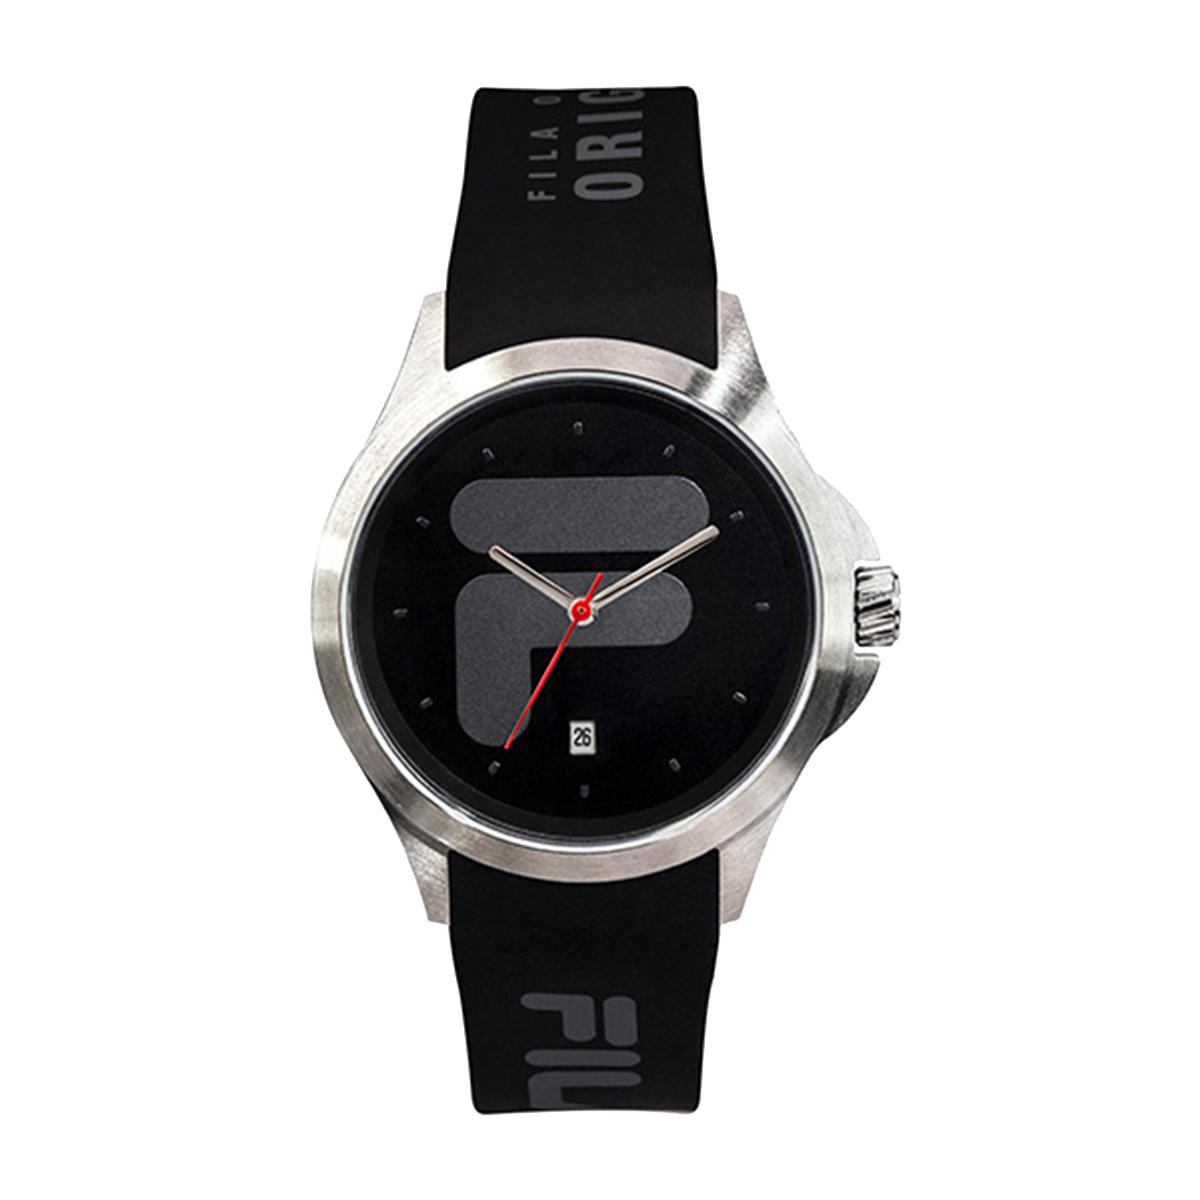 フィラ FILA FILASTYLE 38-181-001 レディース 時計 腕時計 クオーツ